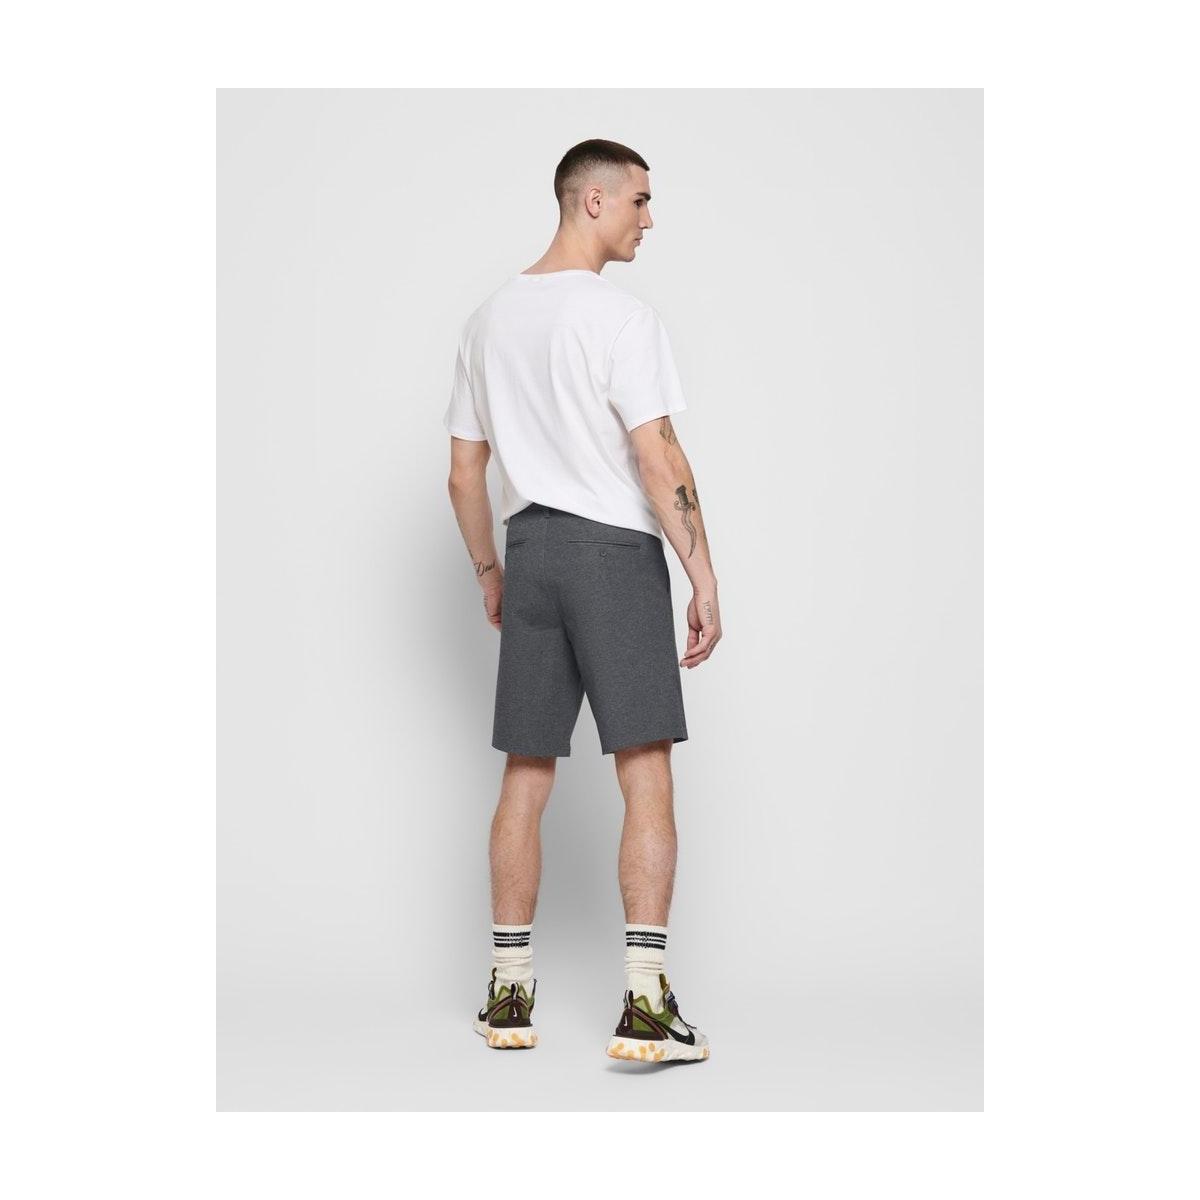 onsmark shorts aop gw 6389 22016389 only & sons korte broek black